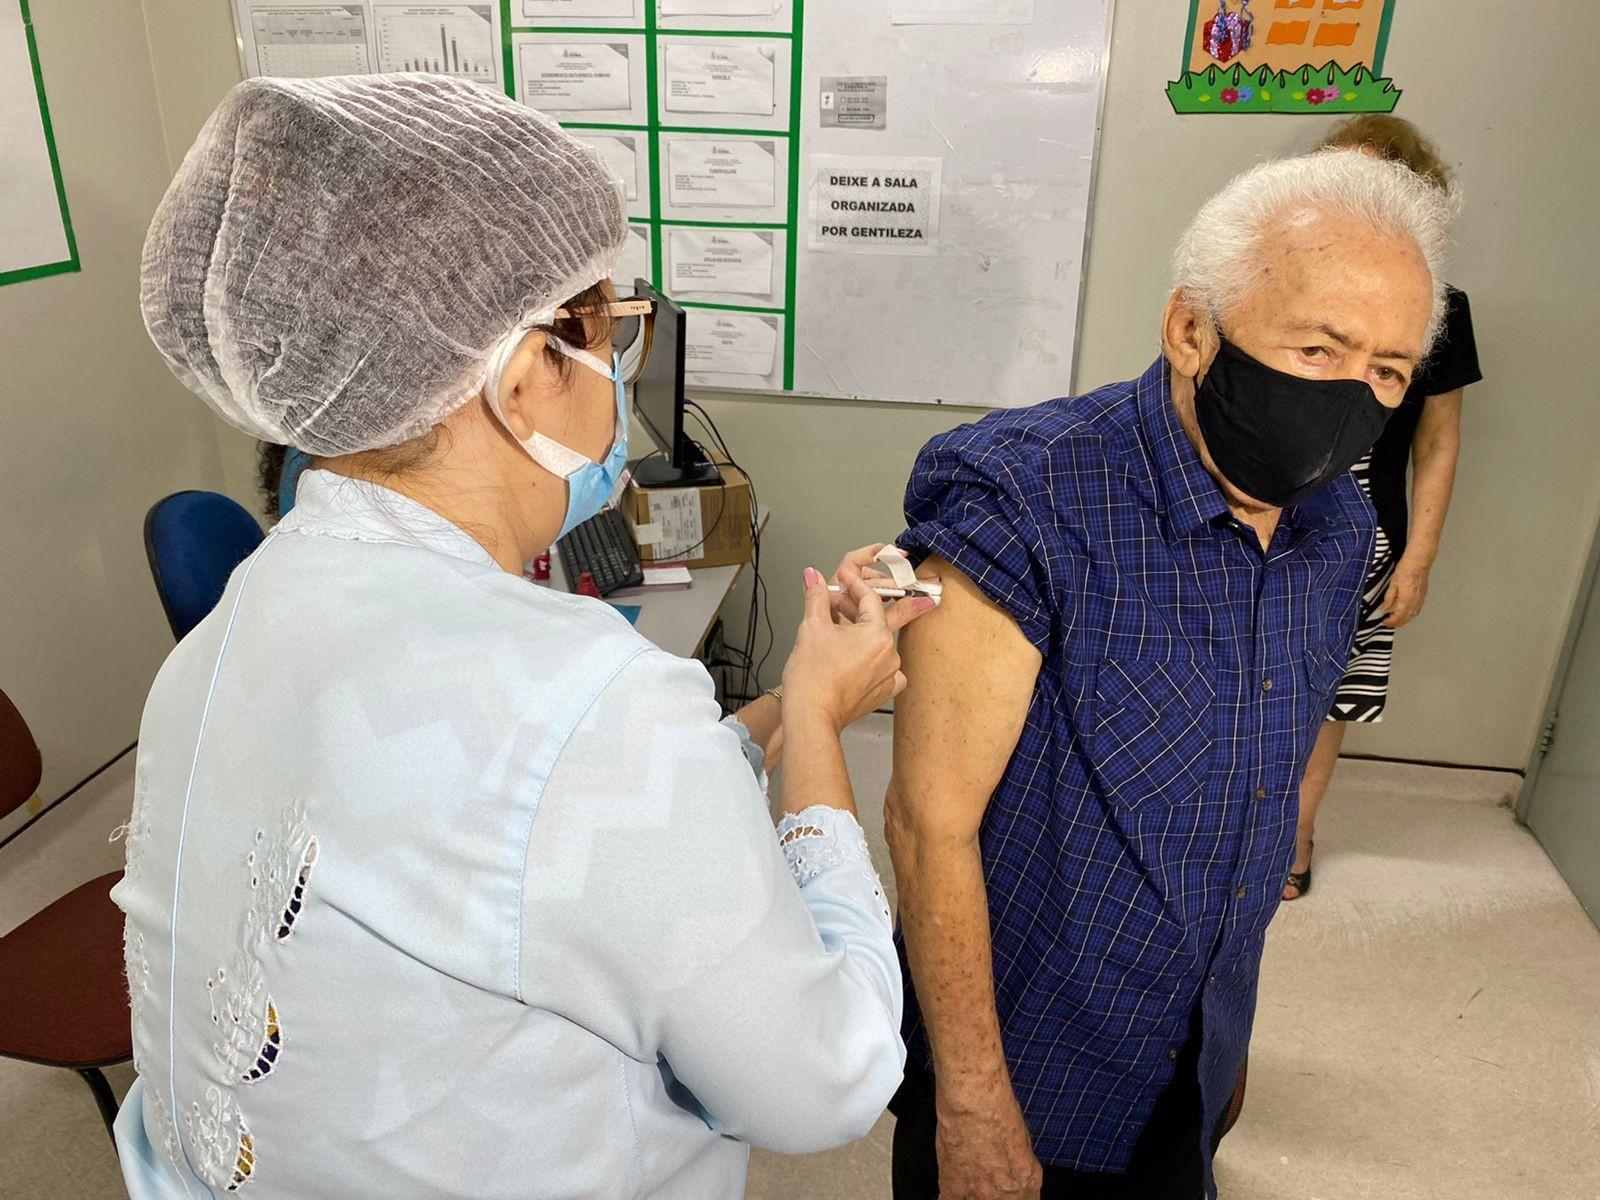 'Sensação de maior segurança', diz idosa no 1º dia de aplicação da dose de reforço contra Covid-19 nos postos de Fortaleza